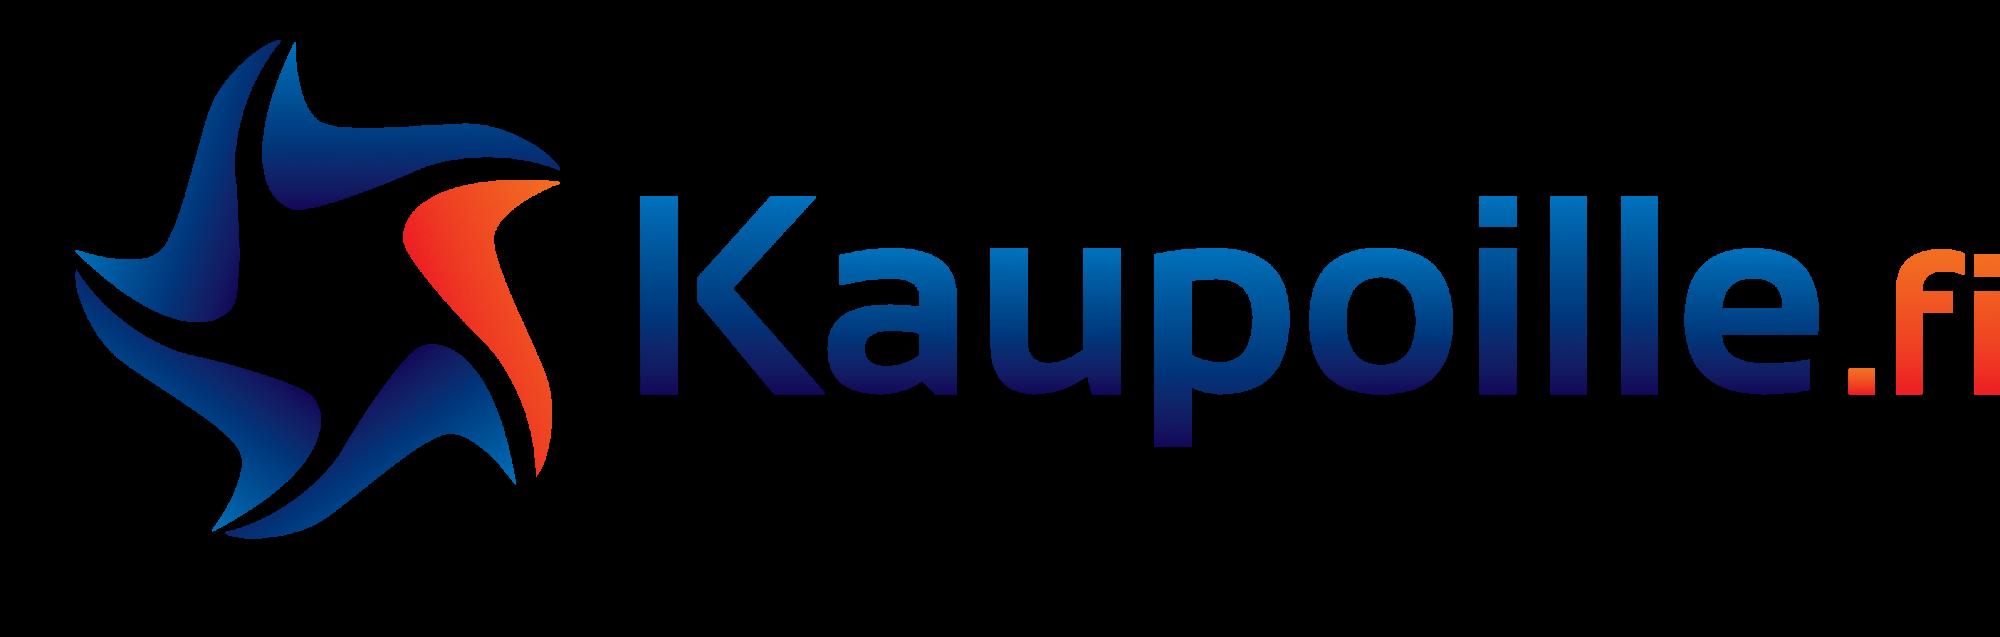 Kaupoille.fi logo